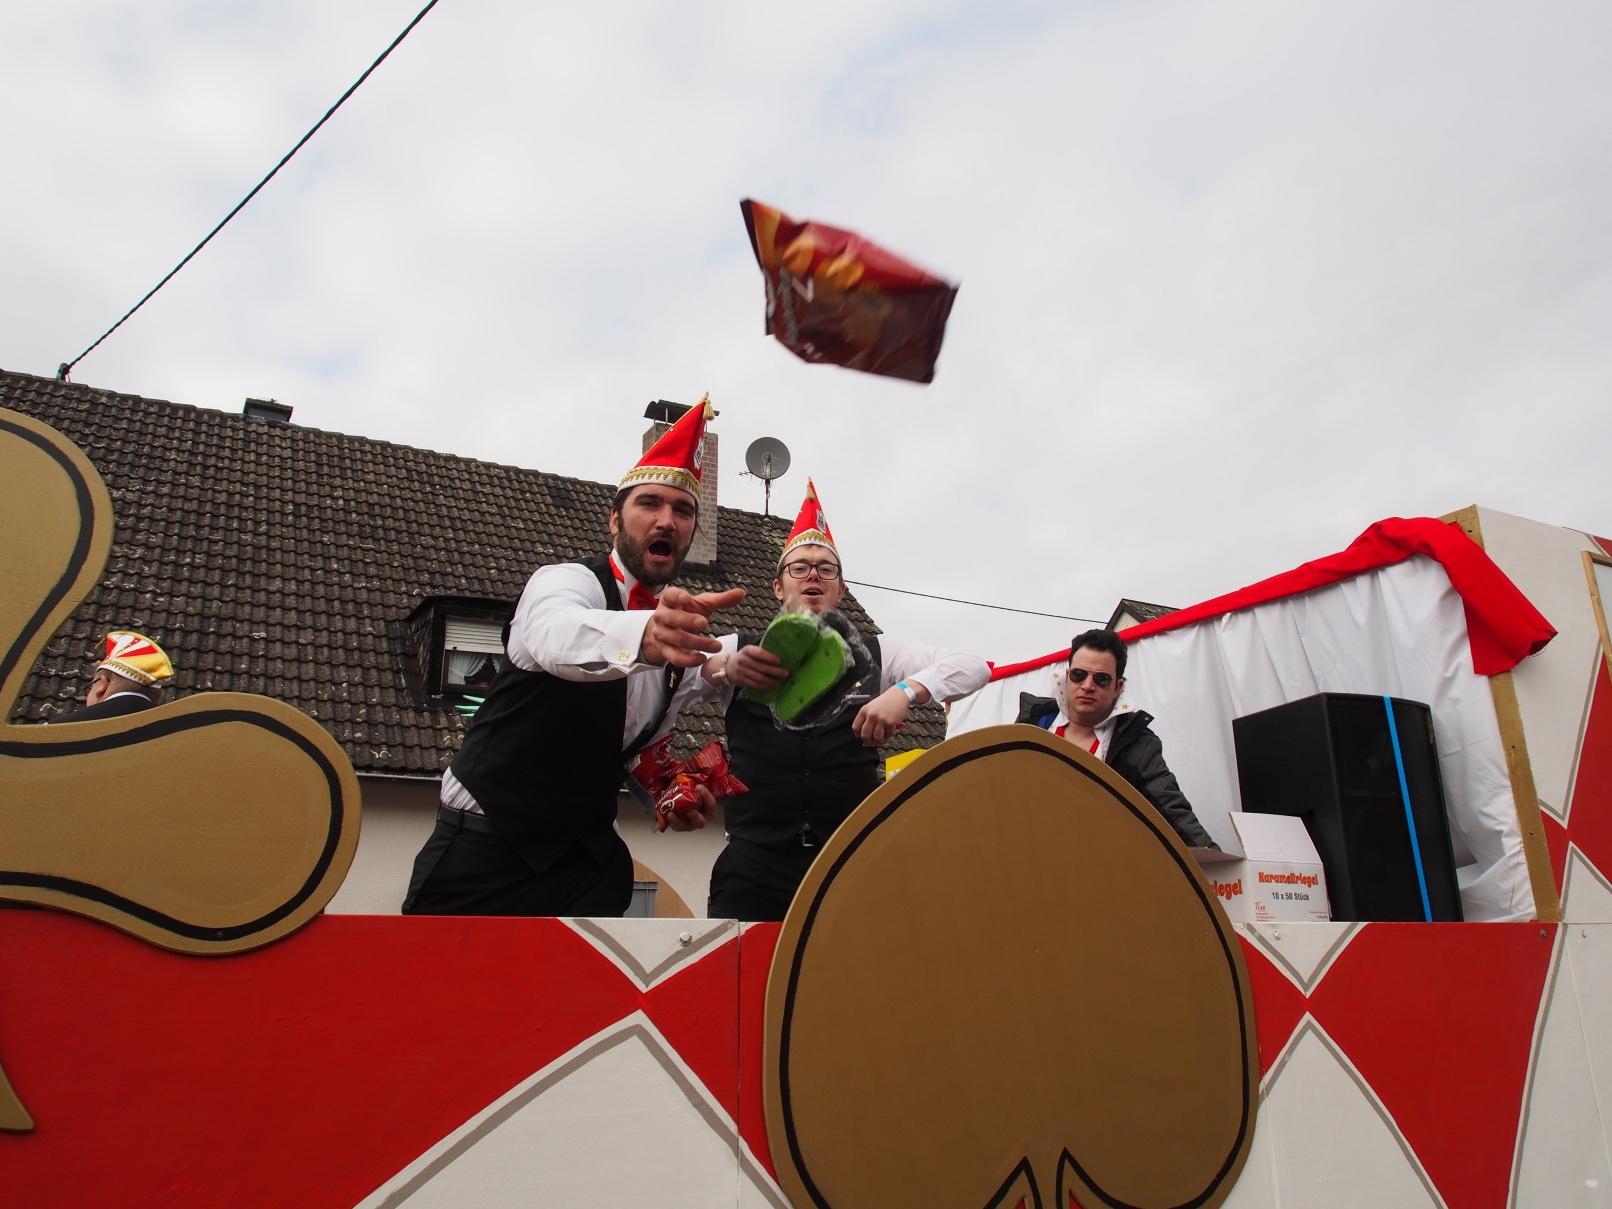 karneval_in_trier39.jpg